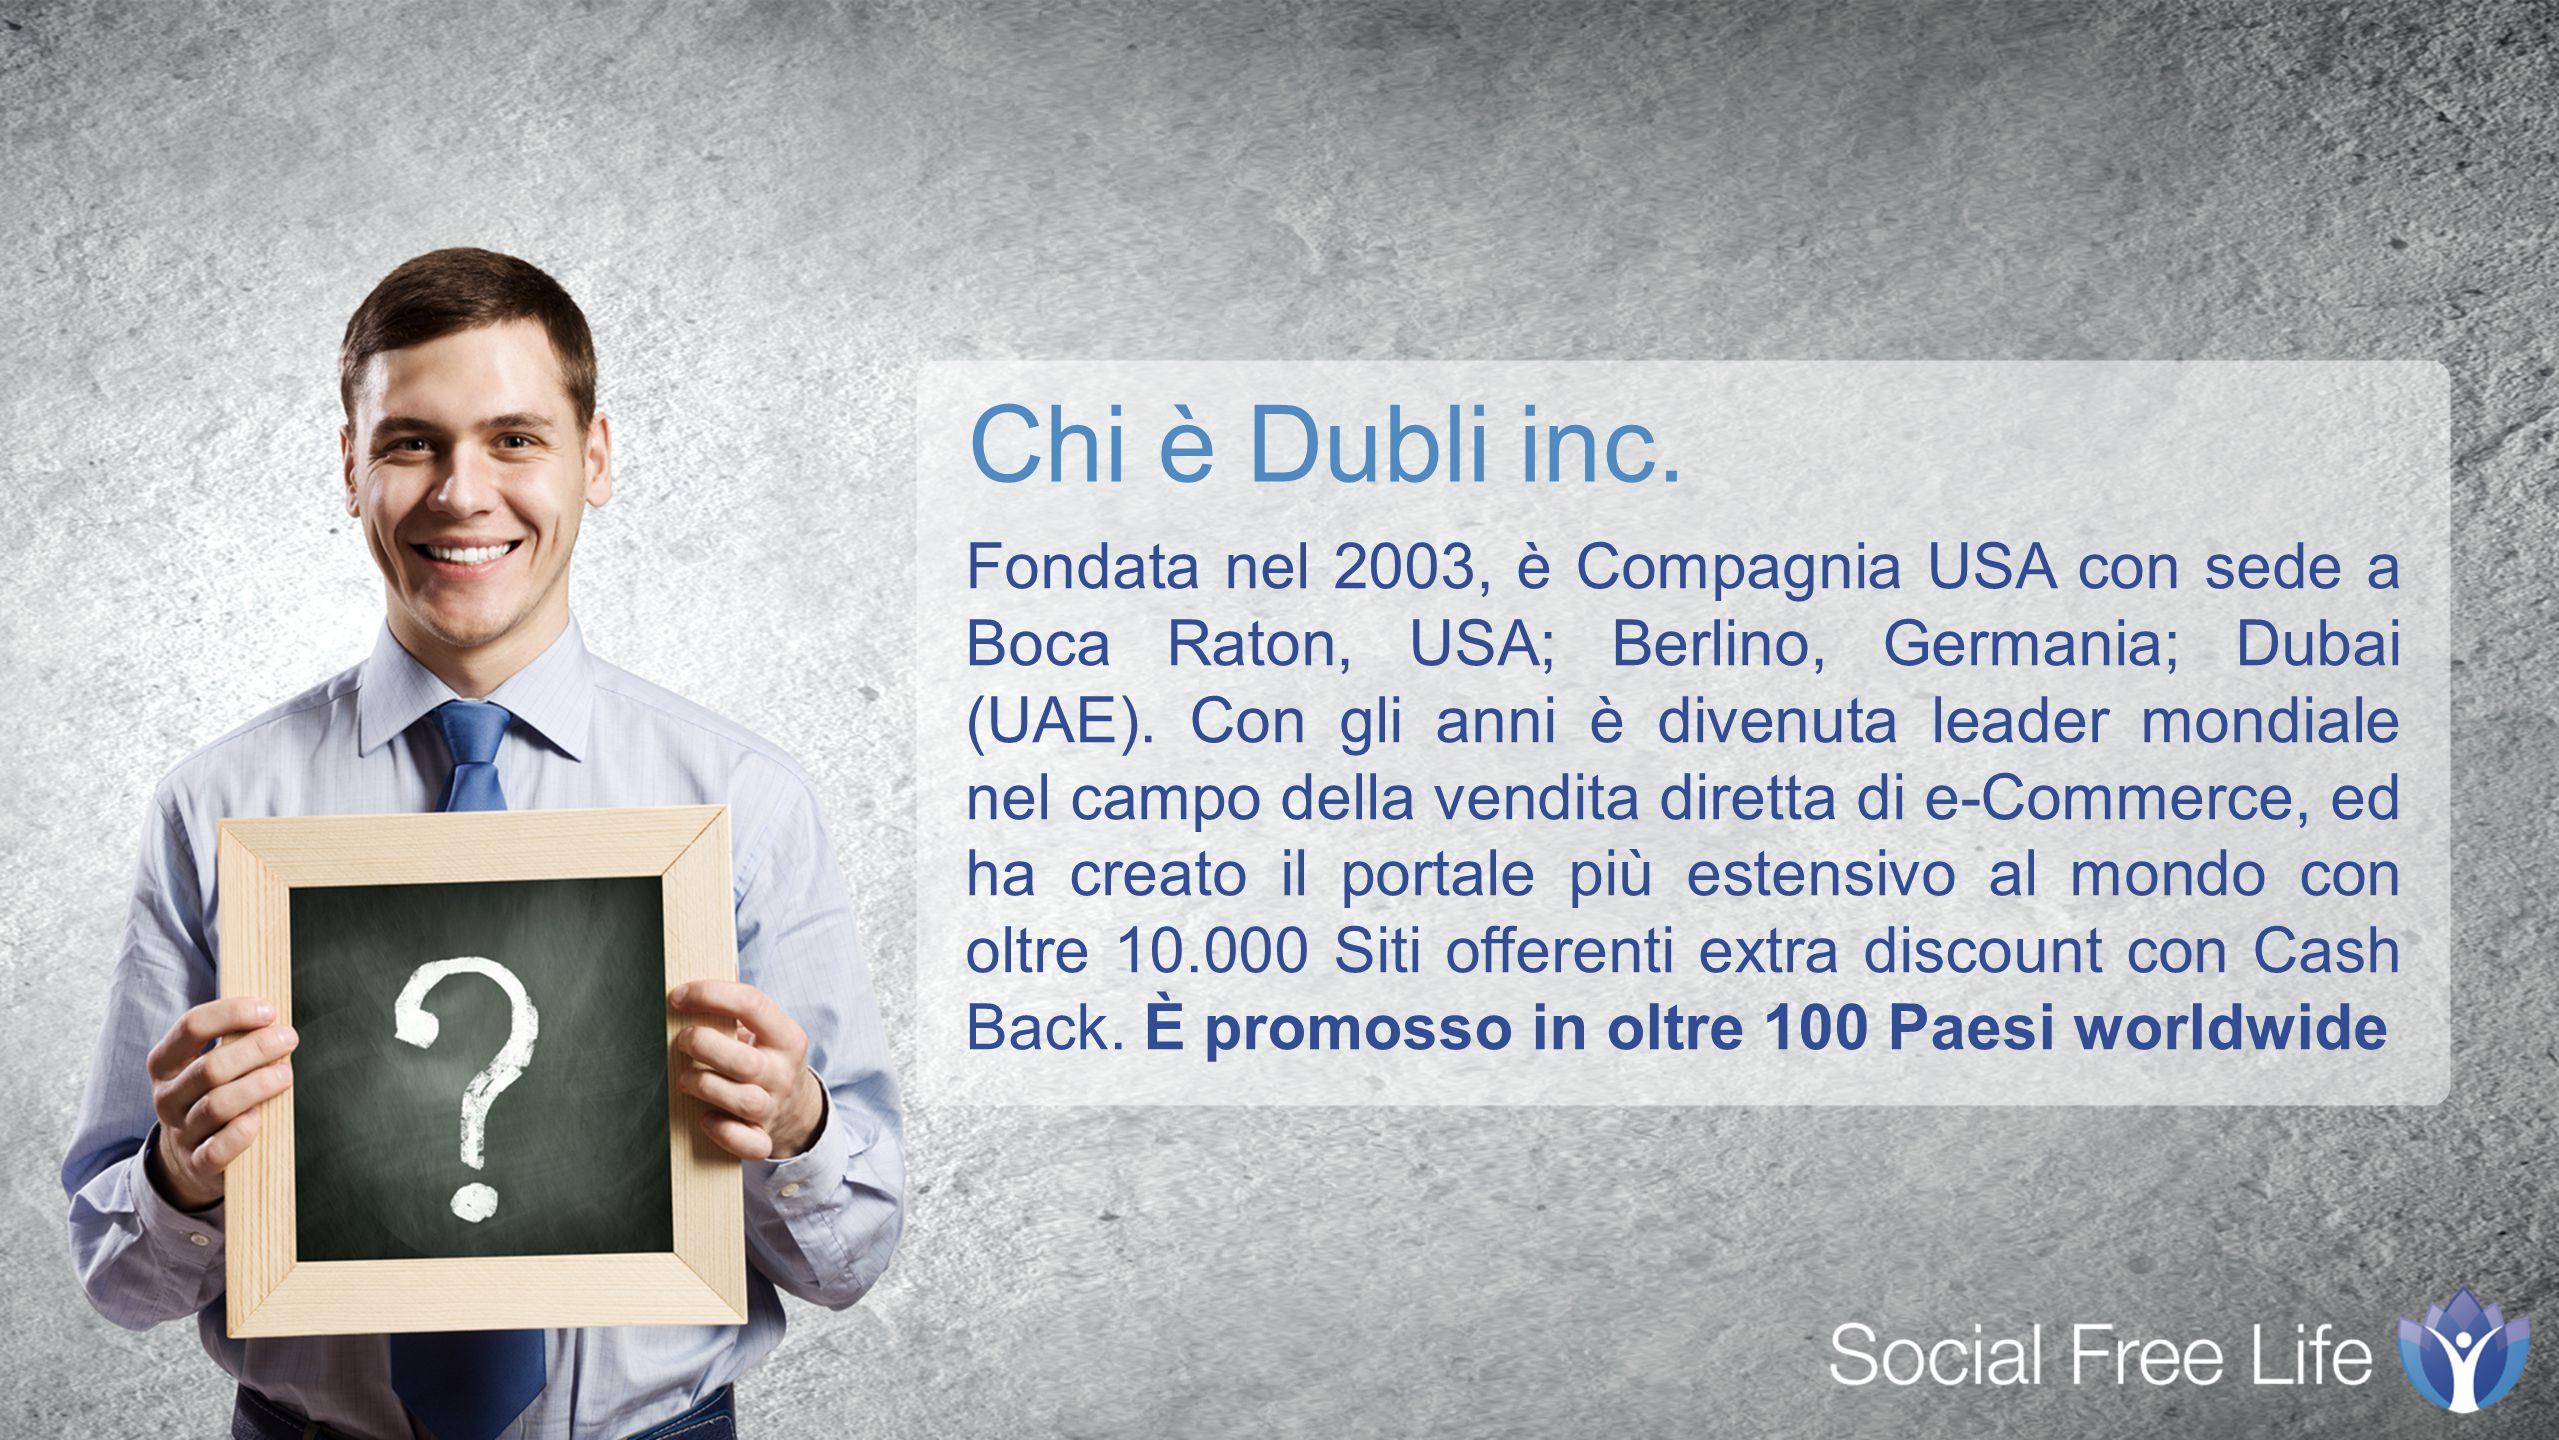 Fondata nel 2003, è Compagnia USA con sede a Boca Raton, USA; Berlino, Germania; Dubai (UAE).